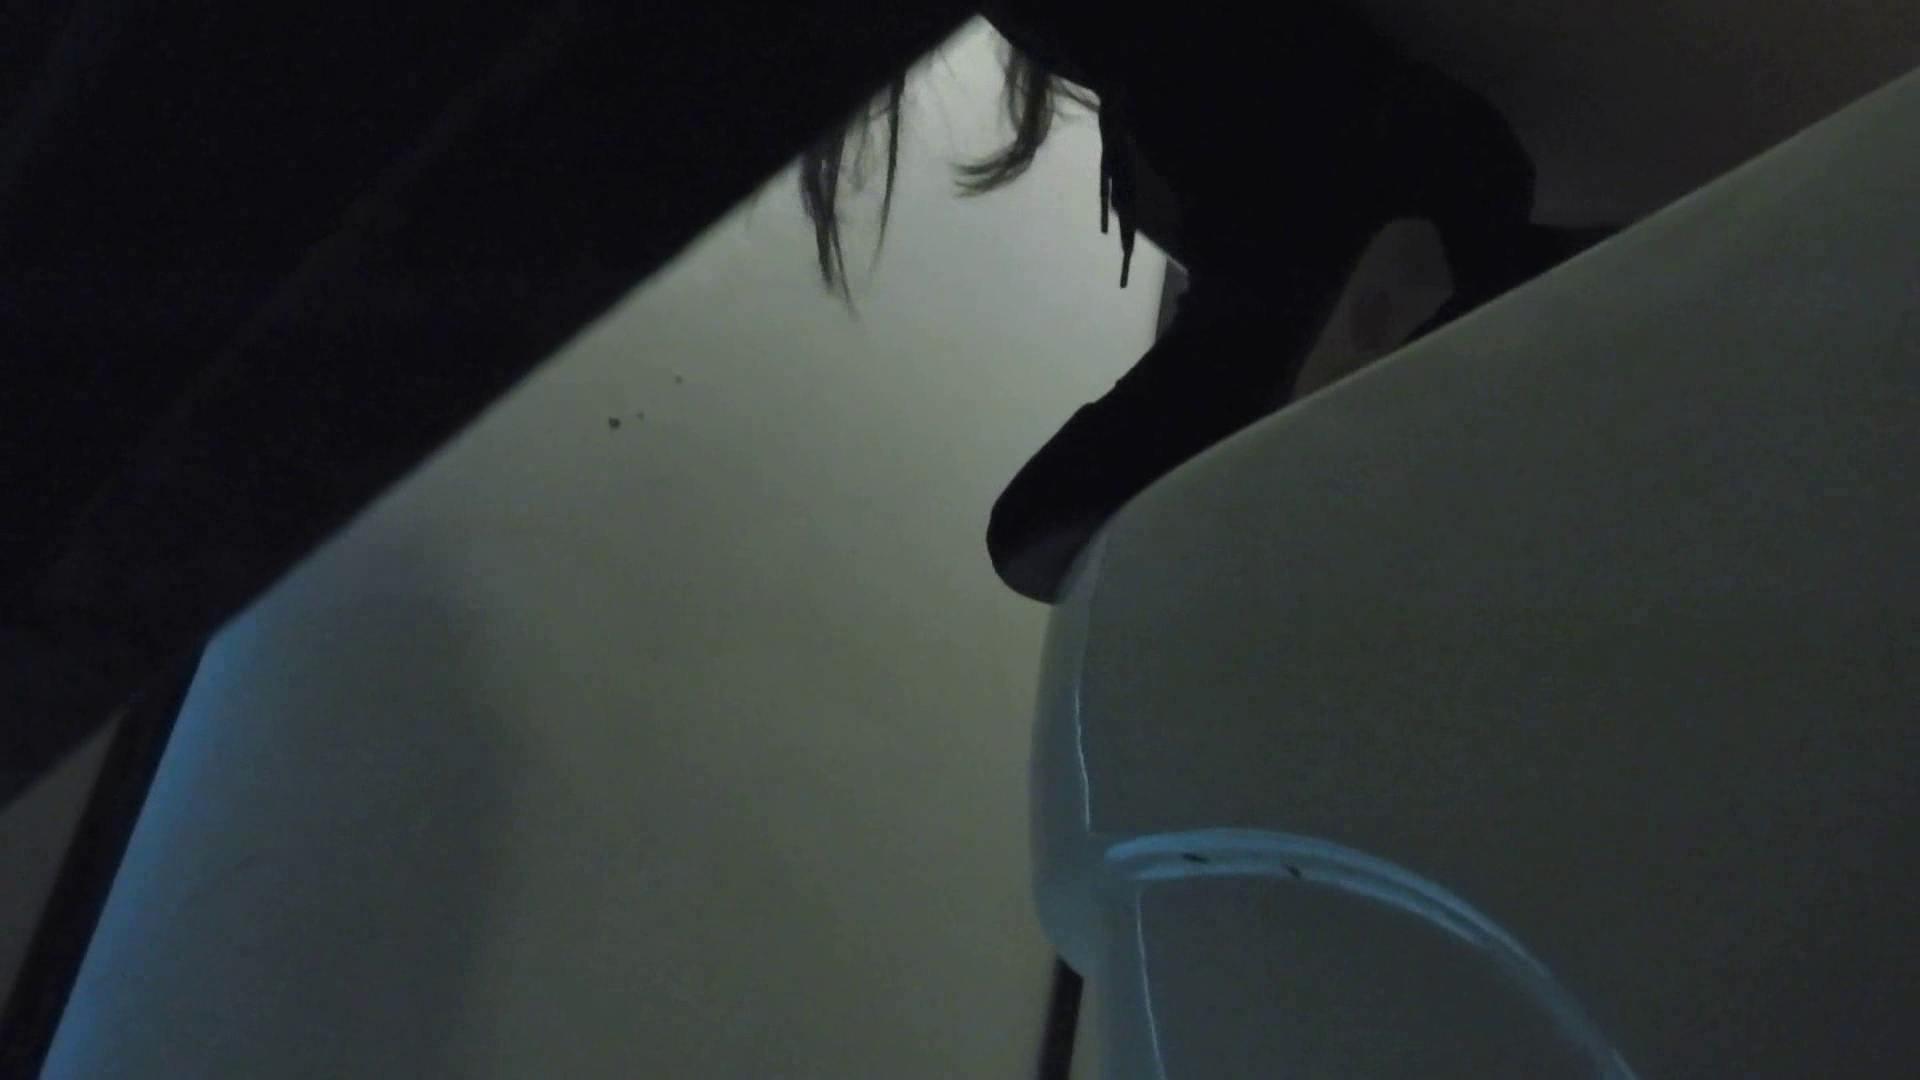 世界の射窓から vol.35 女厕偷拍, 美罗城 南宁国贸 ハプニング   高画質動画  19画像 6